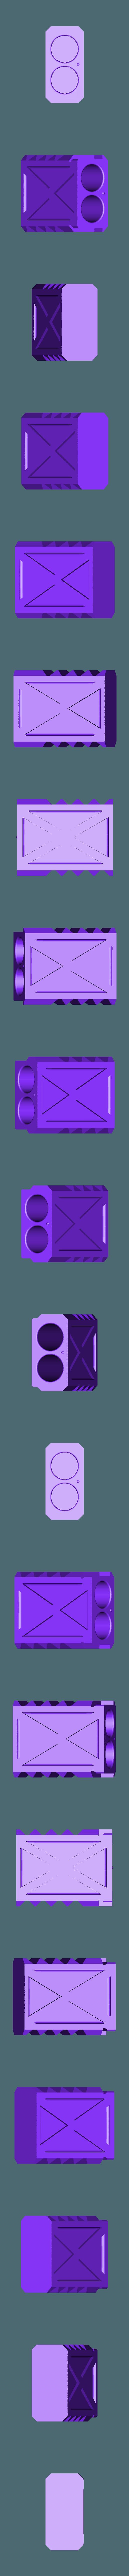 18650 box v2.stl Télécharger fichier STL gratuit 18650 boîtier de batterie • Modèle à imprimer en 3D, wavelog